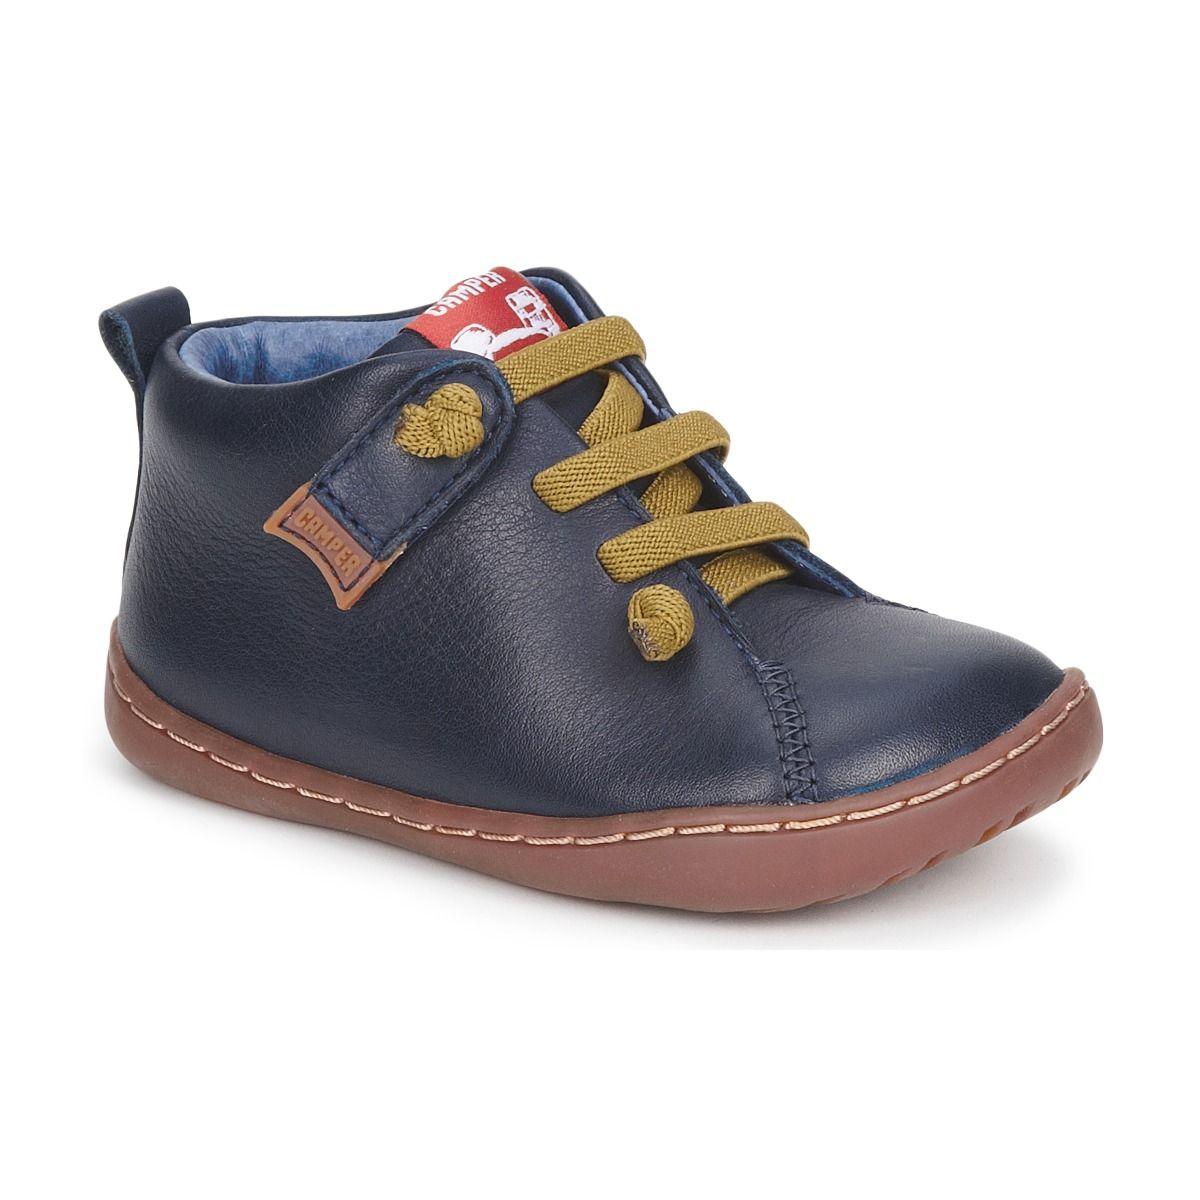 7ff1eef5be9 Botines de cuero modelo Peu Cami de Camper para niño o niña en Spartoo.es   zapatos  niños